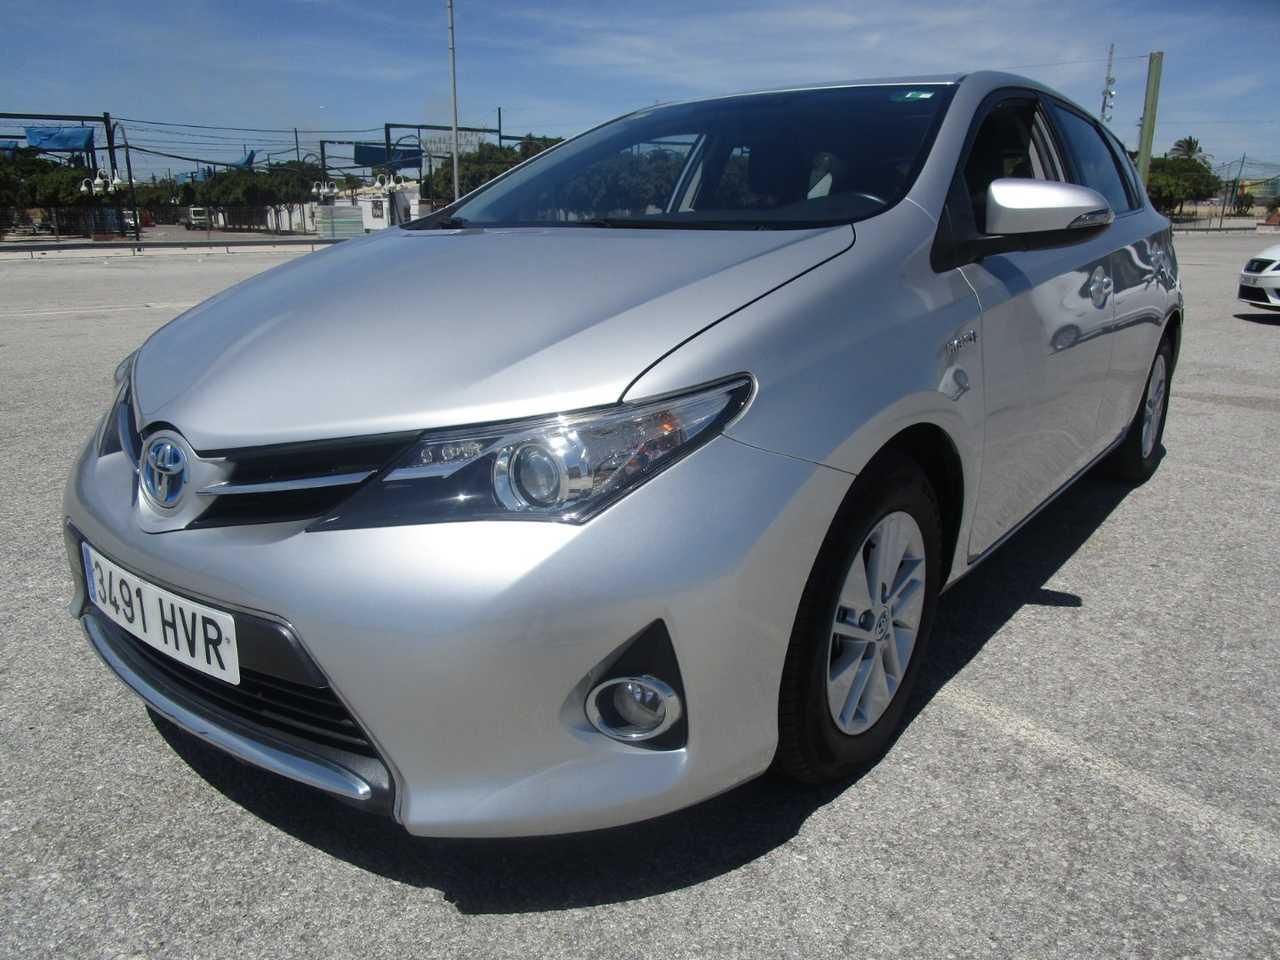 Toyota Auris HYBRID ACTIVE 136 CV UN SOLO PROPIETARIO, CERTIFICADO DE KM Y CARROCERIA   - Foto 1